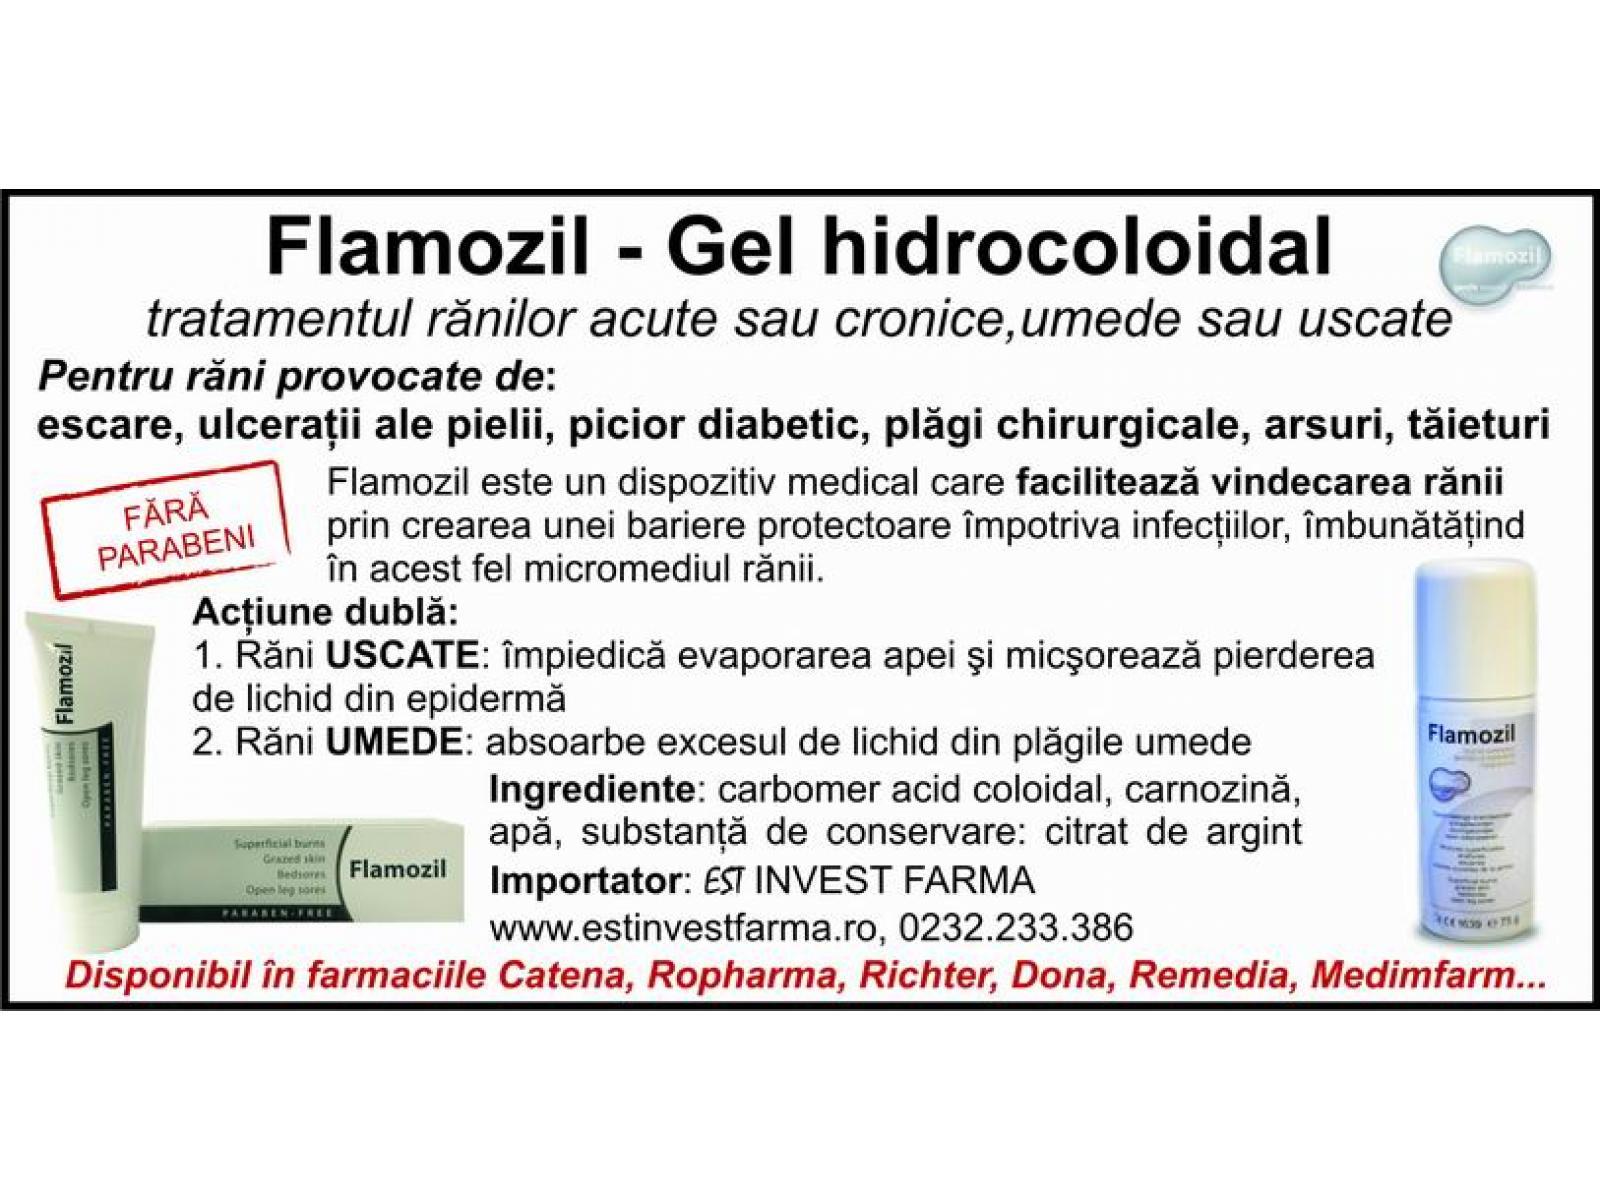 Est Invest Farma - Resize_of_reclama_viata_medicala_aparitie_nov_si_dec.jpg